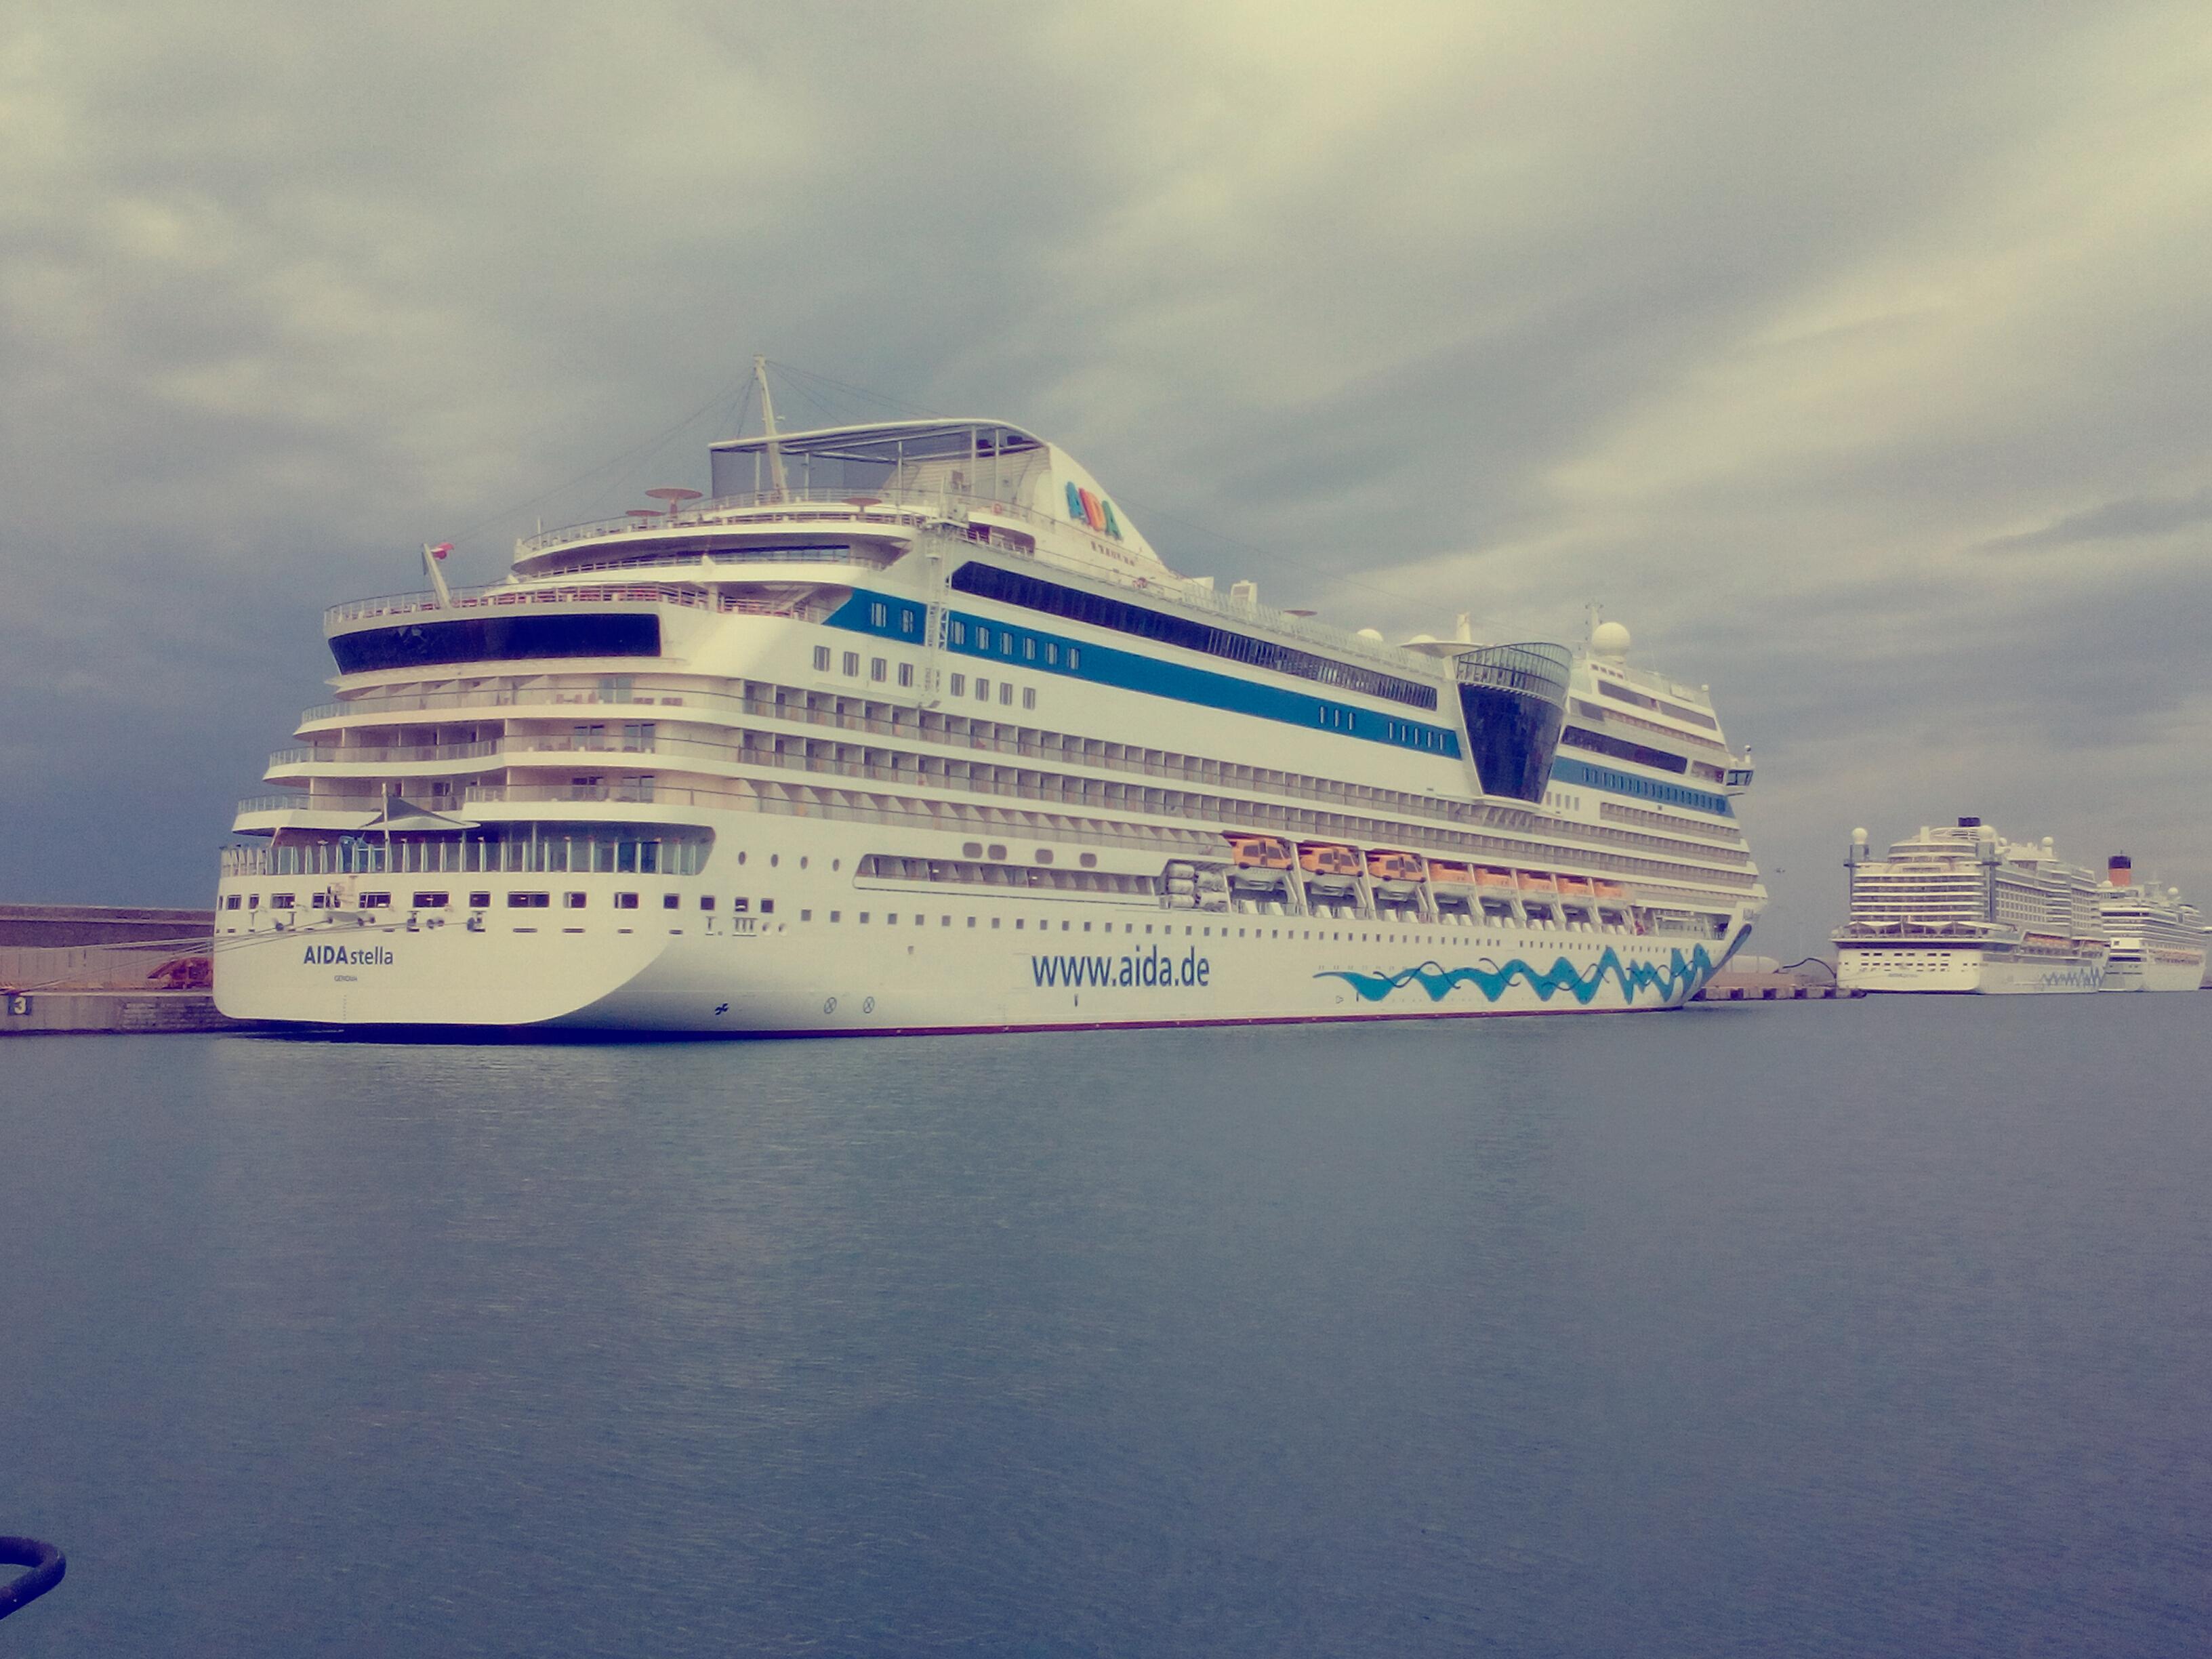 La Regione Lazio approva l'iter per le Zone Logistiche Semplificate nelle aree portuali